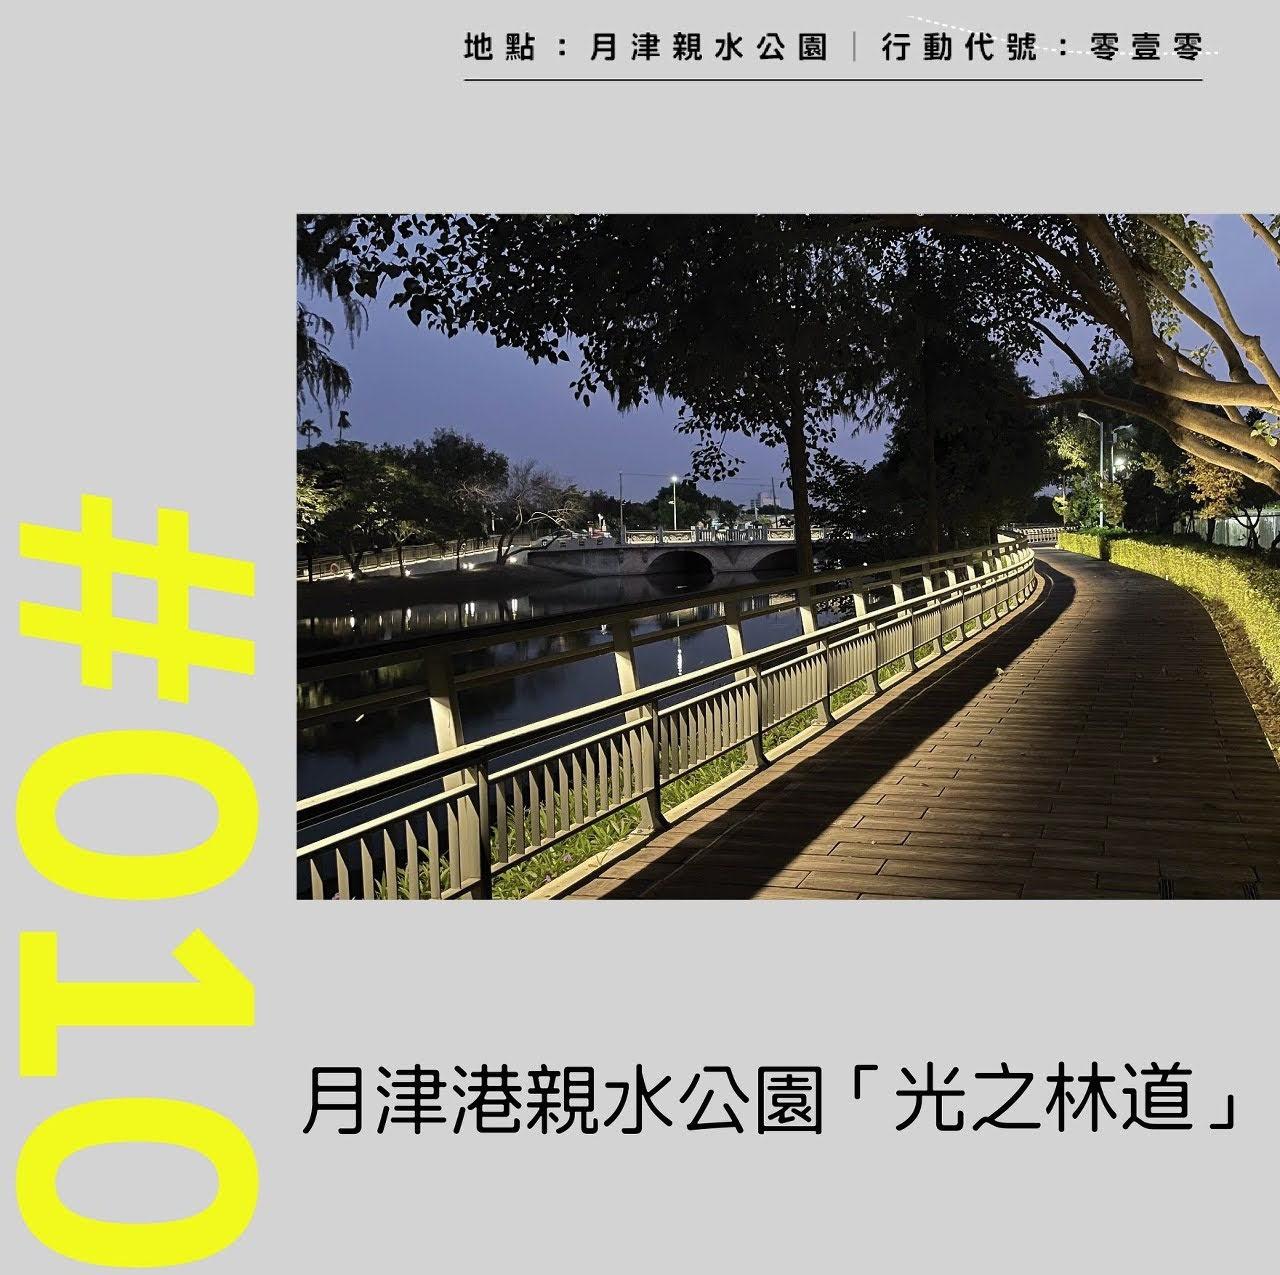 2020月之美術館~年度特展|12/19漫月美行動始動|資訊交通懶人包|活動